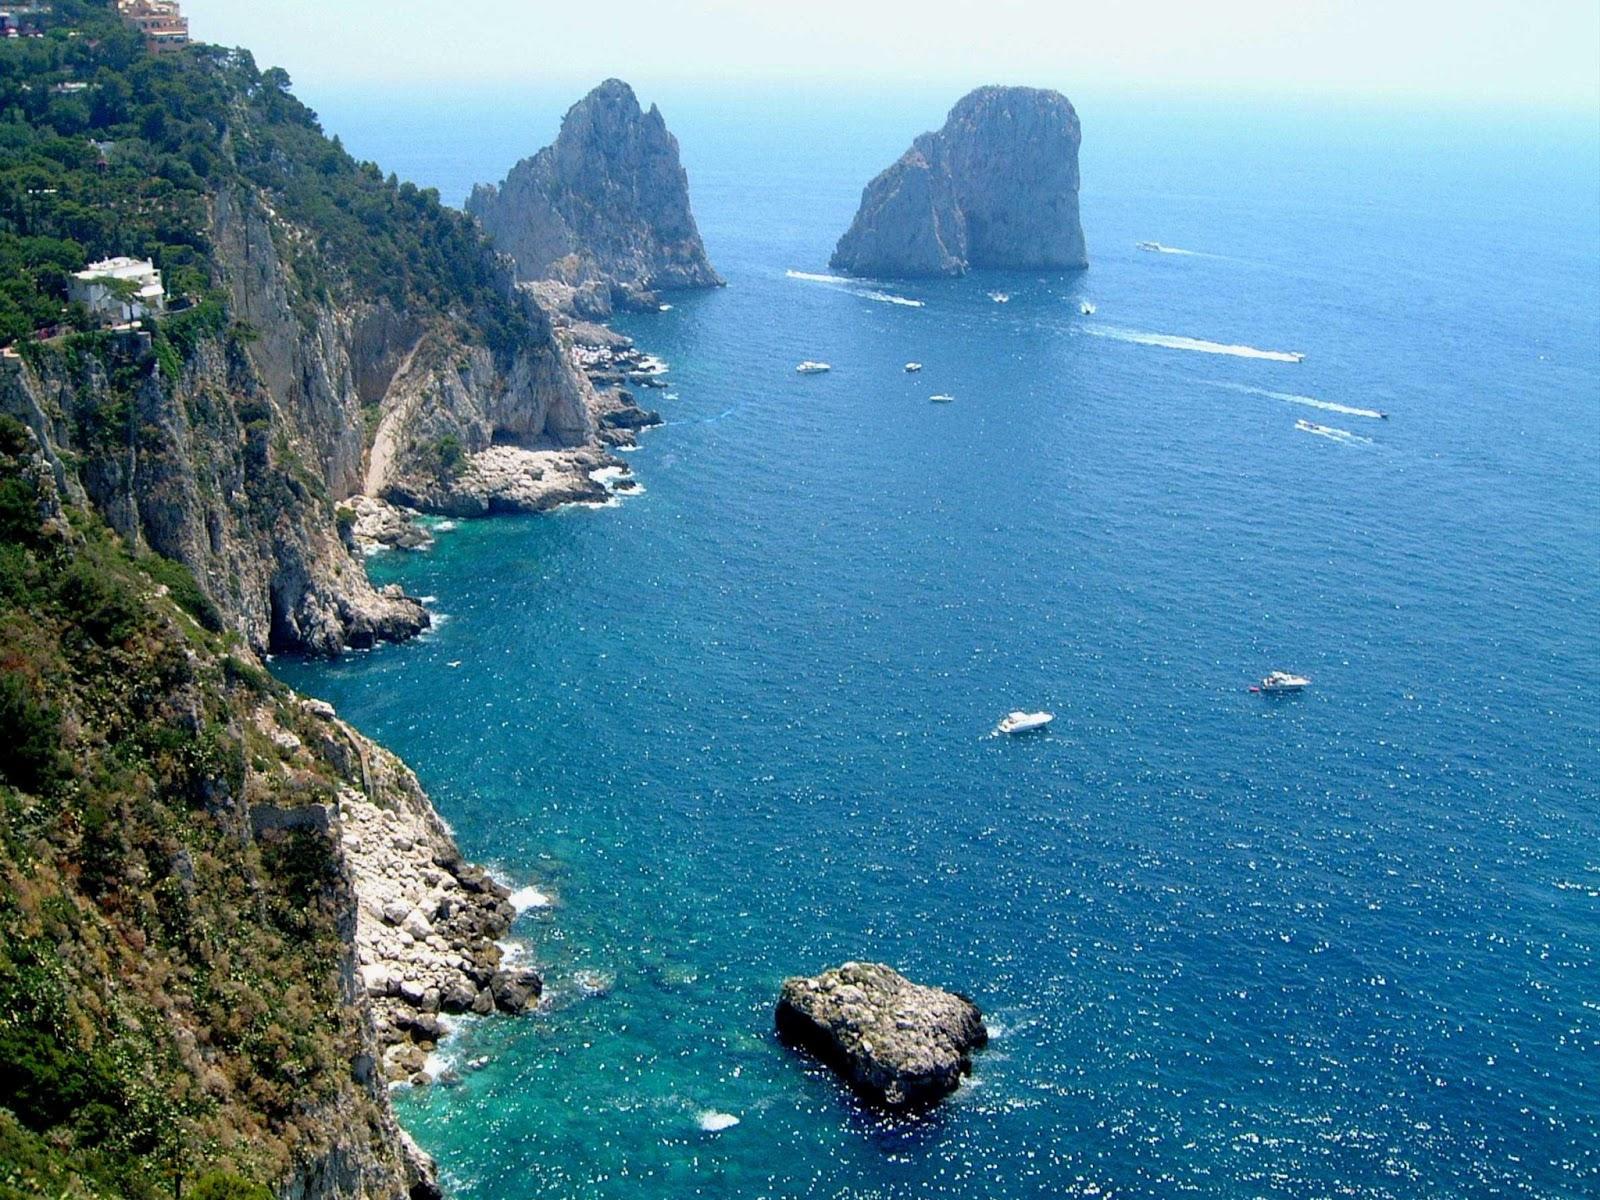 Resultado de imagem para isle of capri